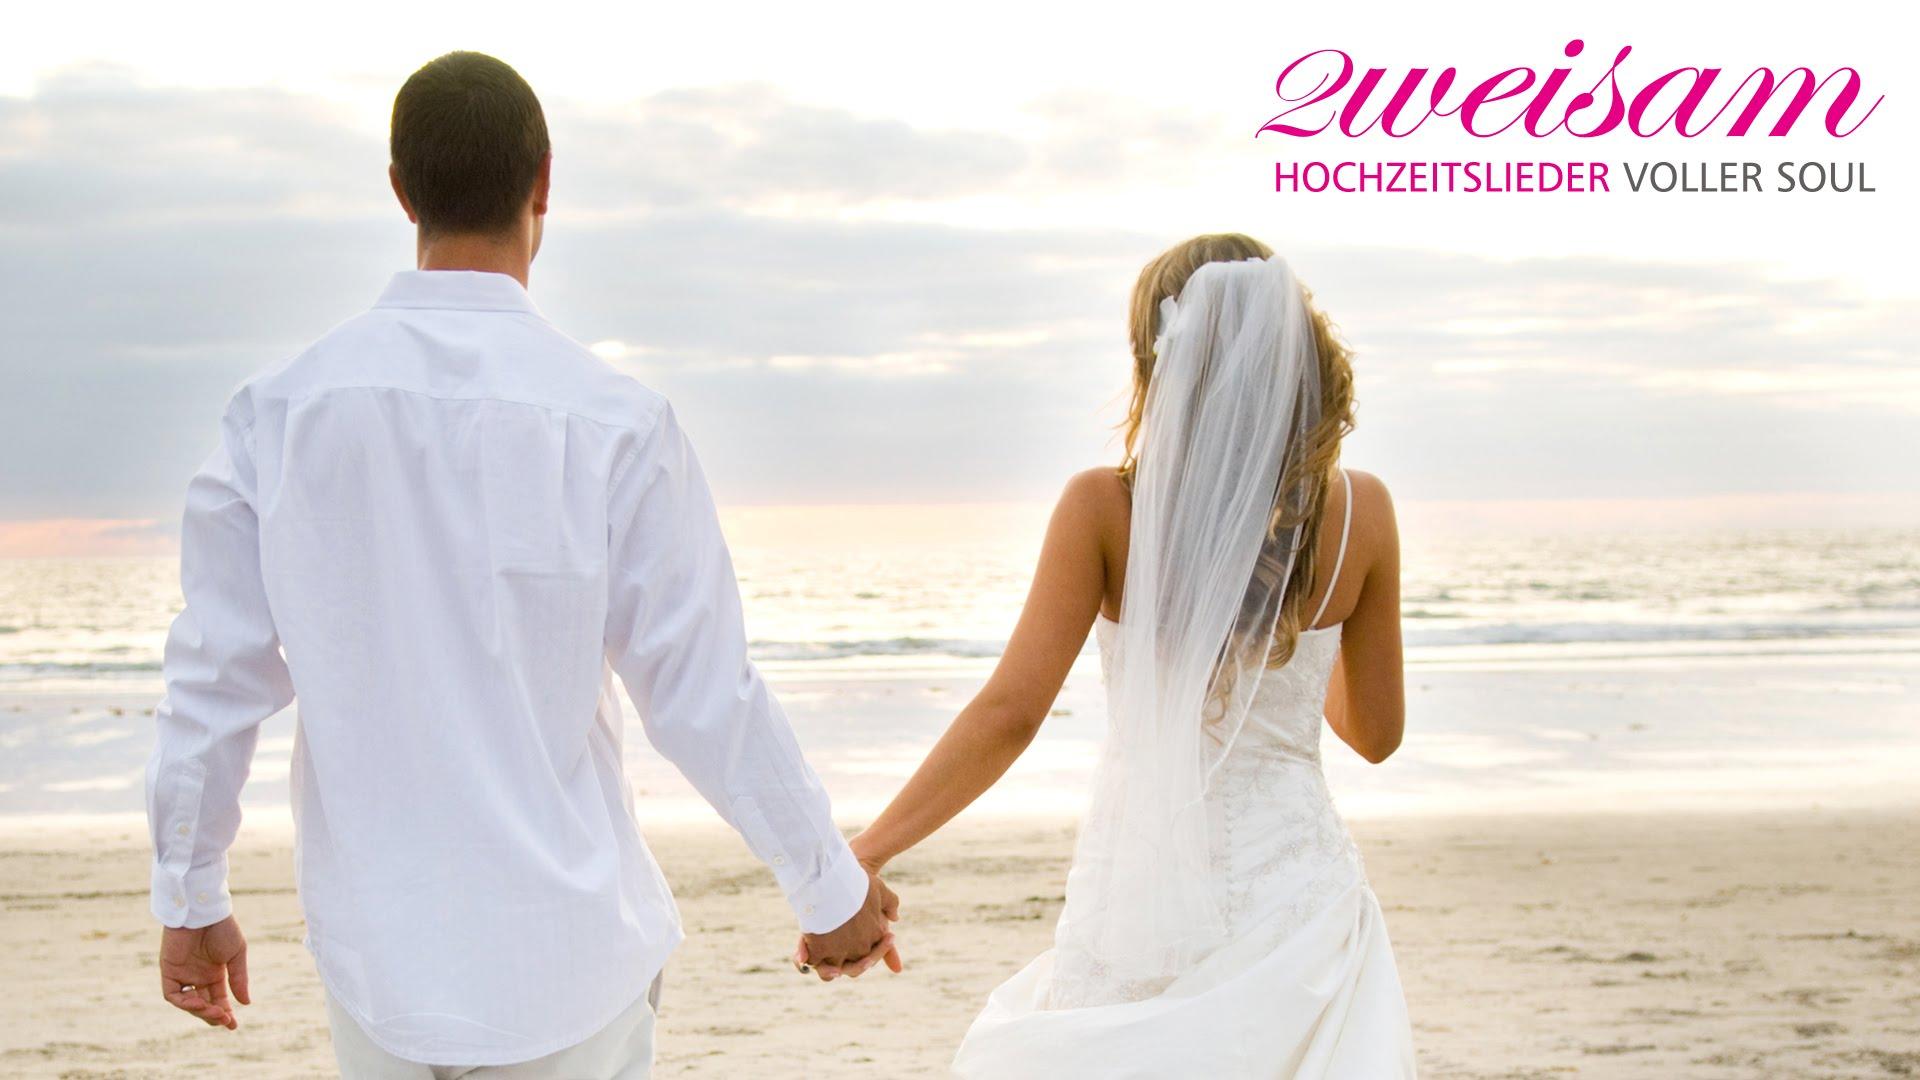 Die 10 schönsten Hochzeitslieder | Zweisam